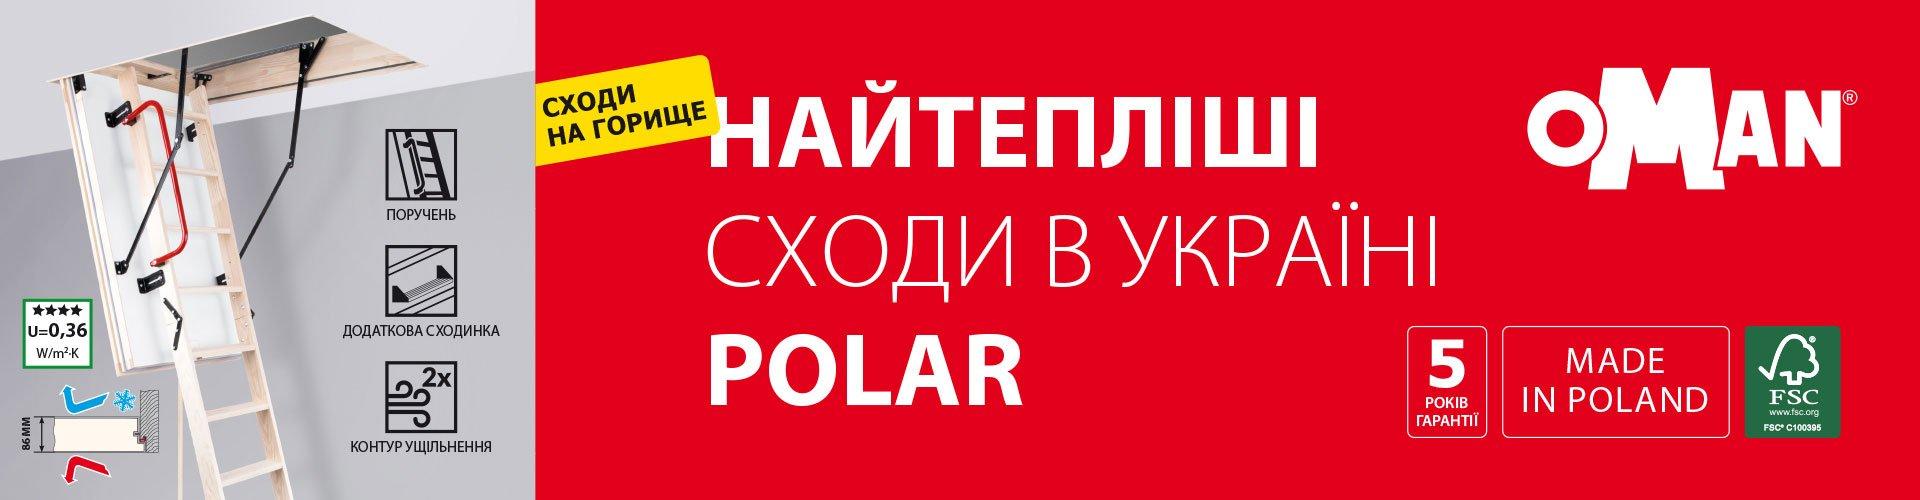 oman polar